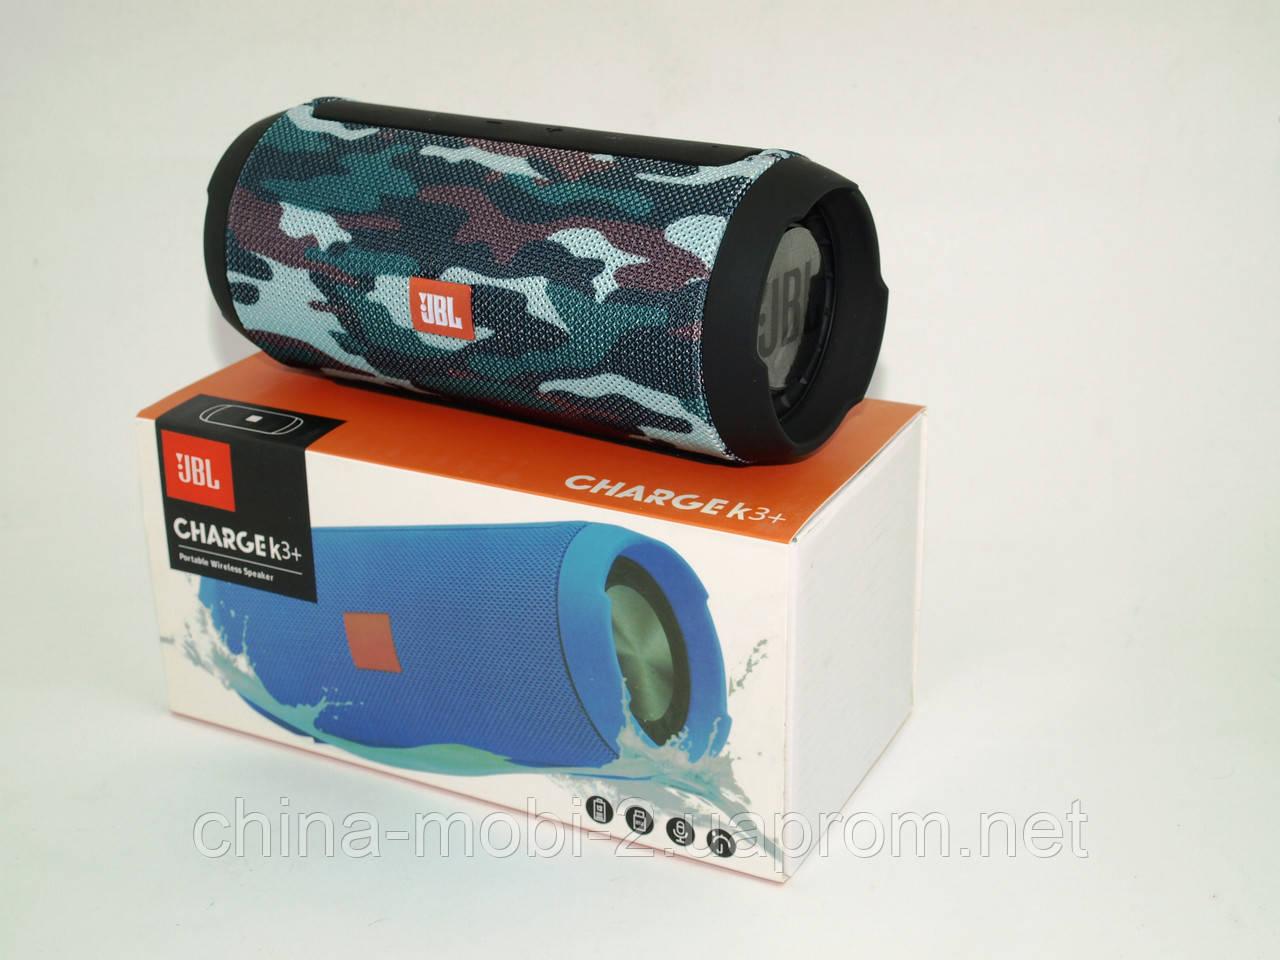 JBL Charge K3+ 15W копия, Bluetooth колонка с FM MP3, Squad камуфляжная